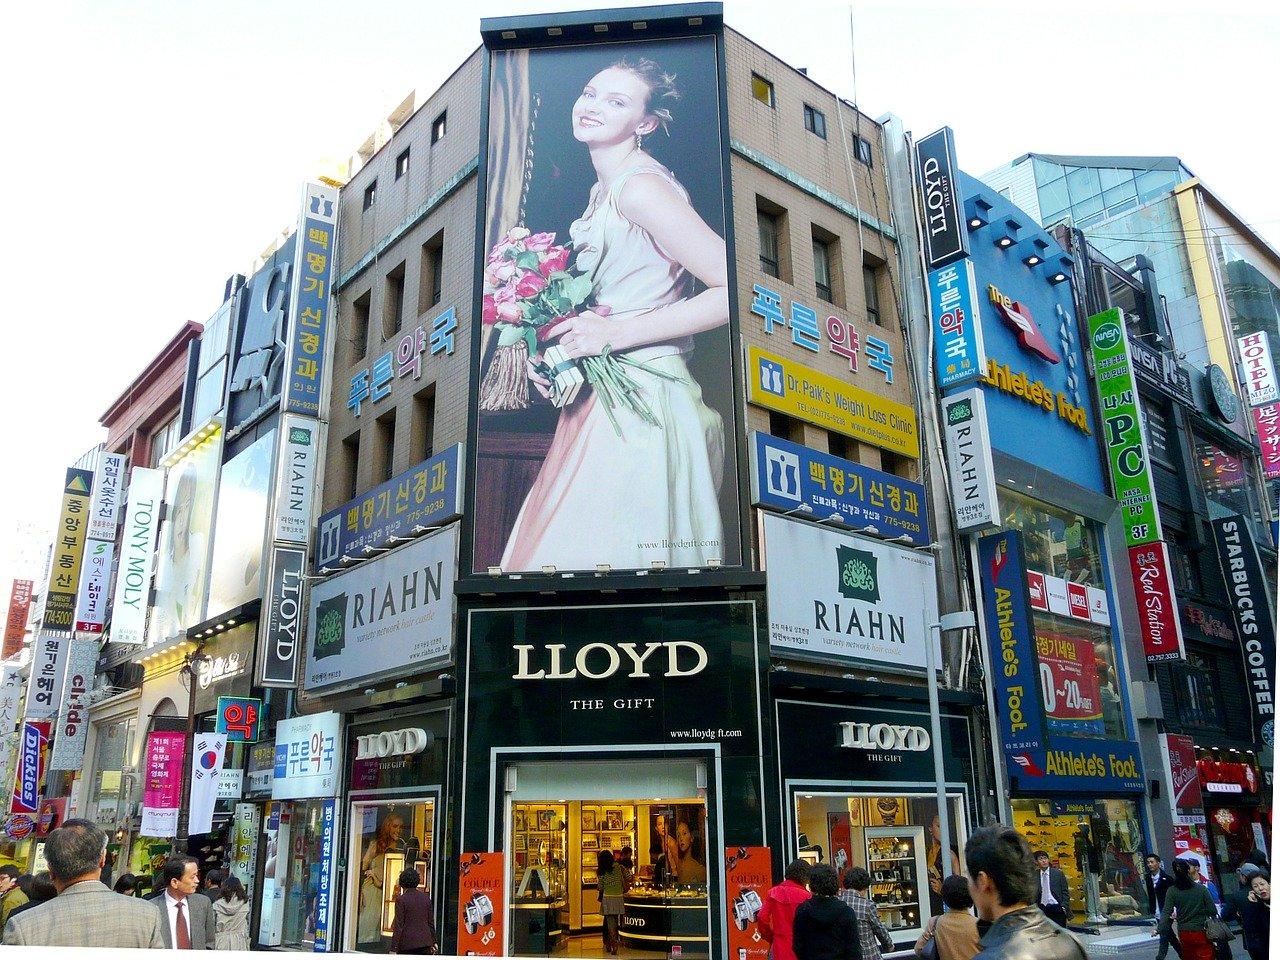 Stojaki reklamowe - sposób na przyciągającą reklamę